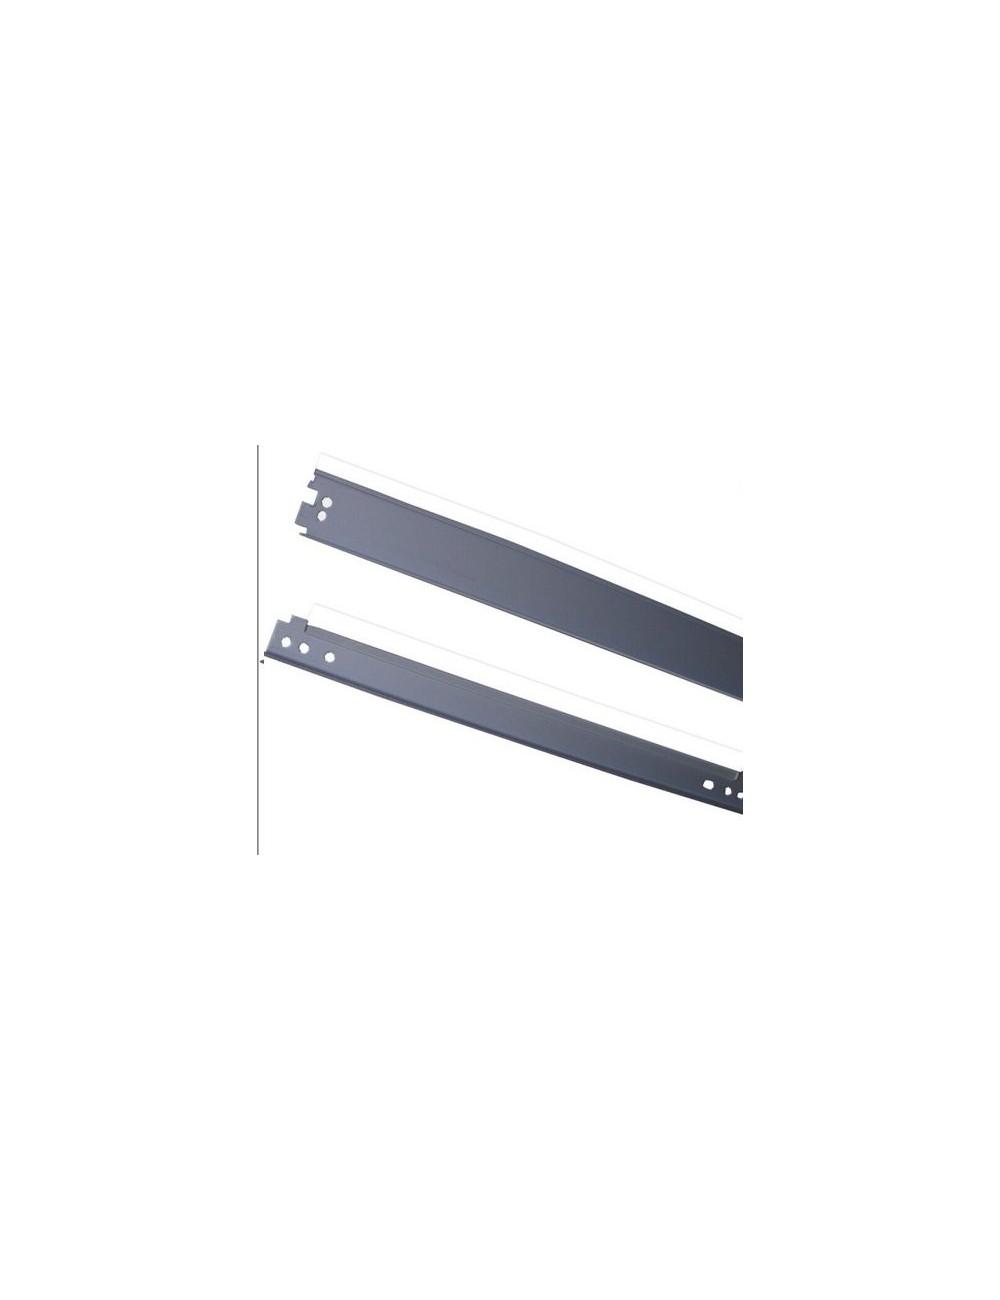 Ανταλλακτικό για toner WIPER BLADE DRUM HP 4000/4100